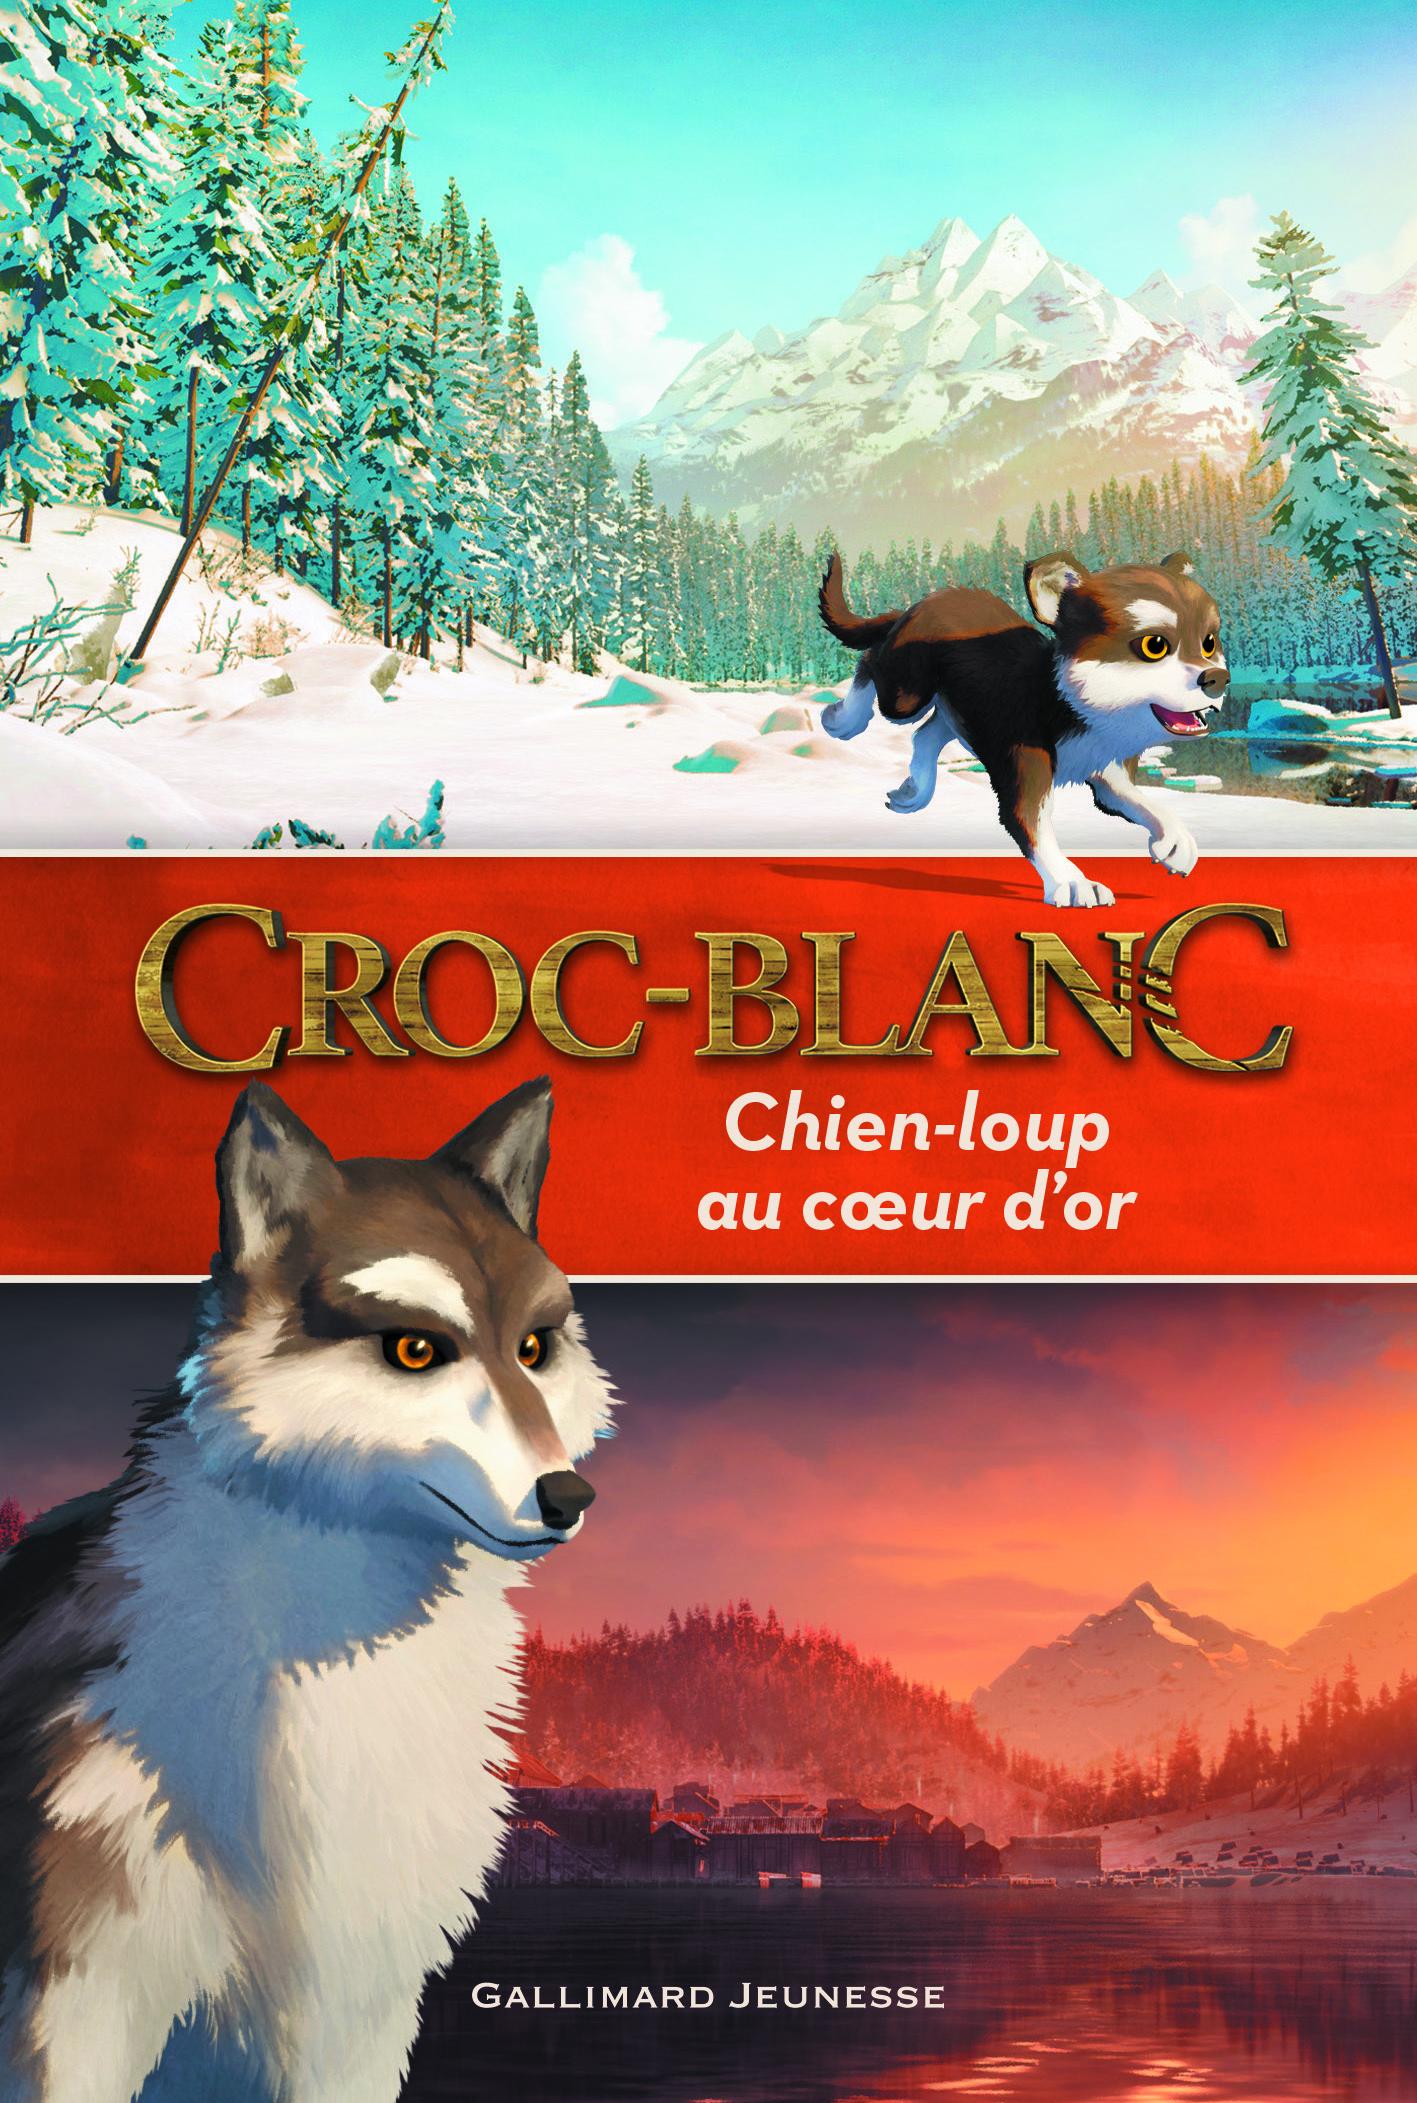 CROC-BLANC : CHIEN-LOUP AU COEUR D'OR